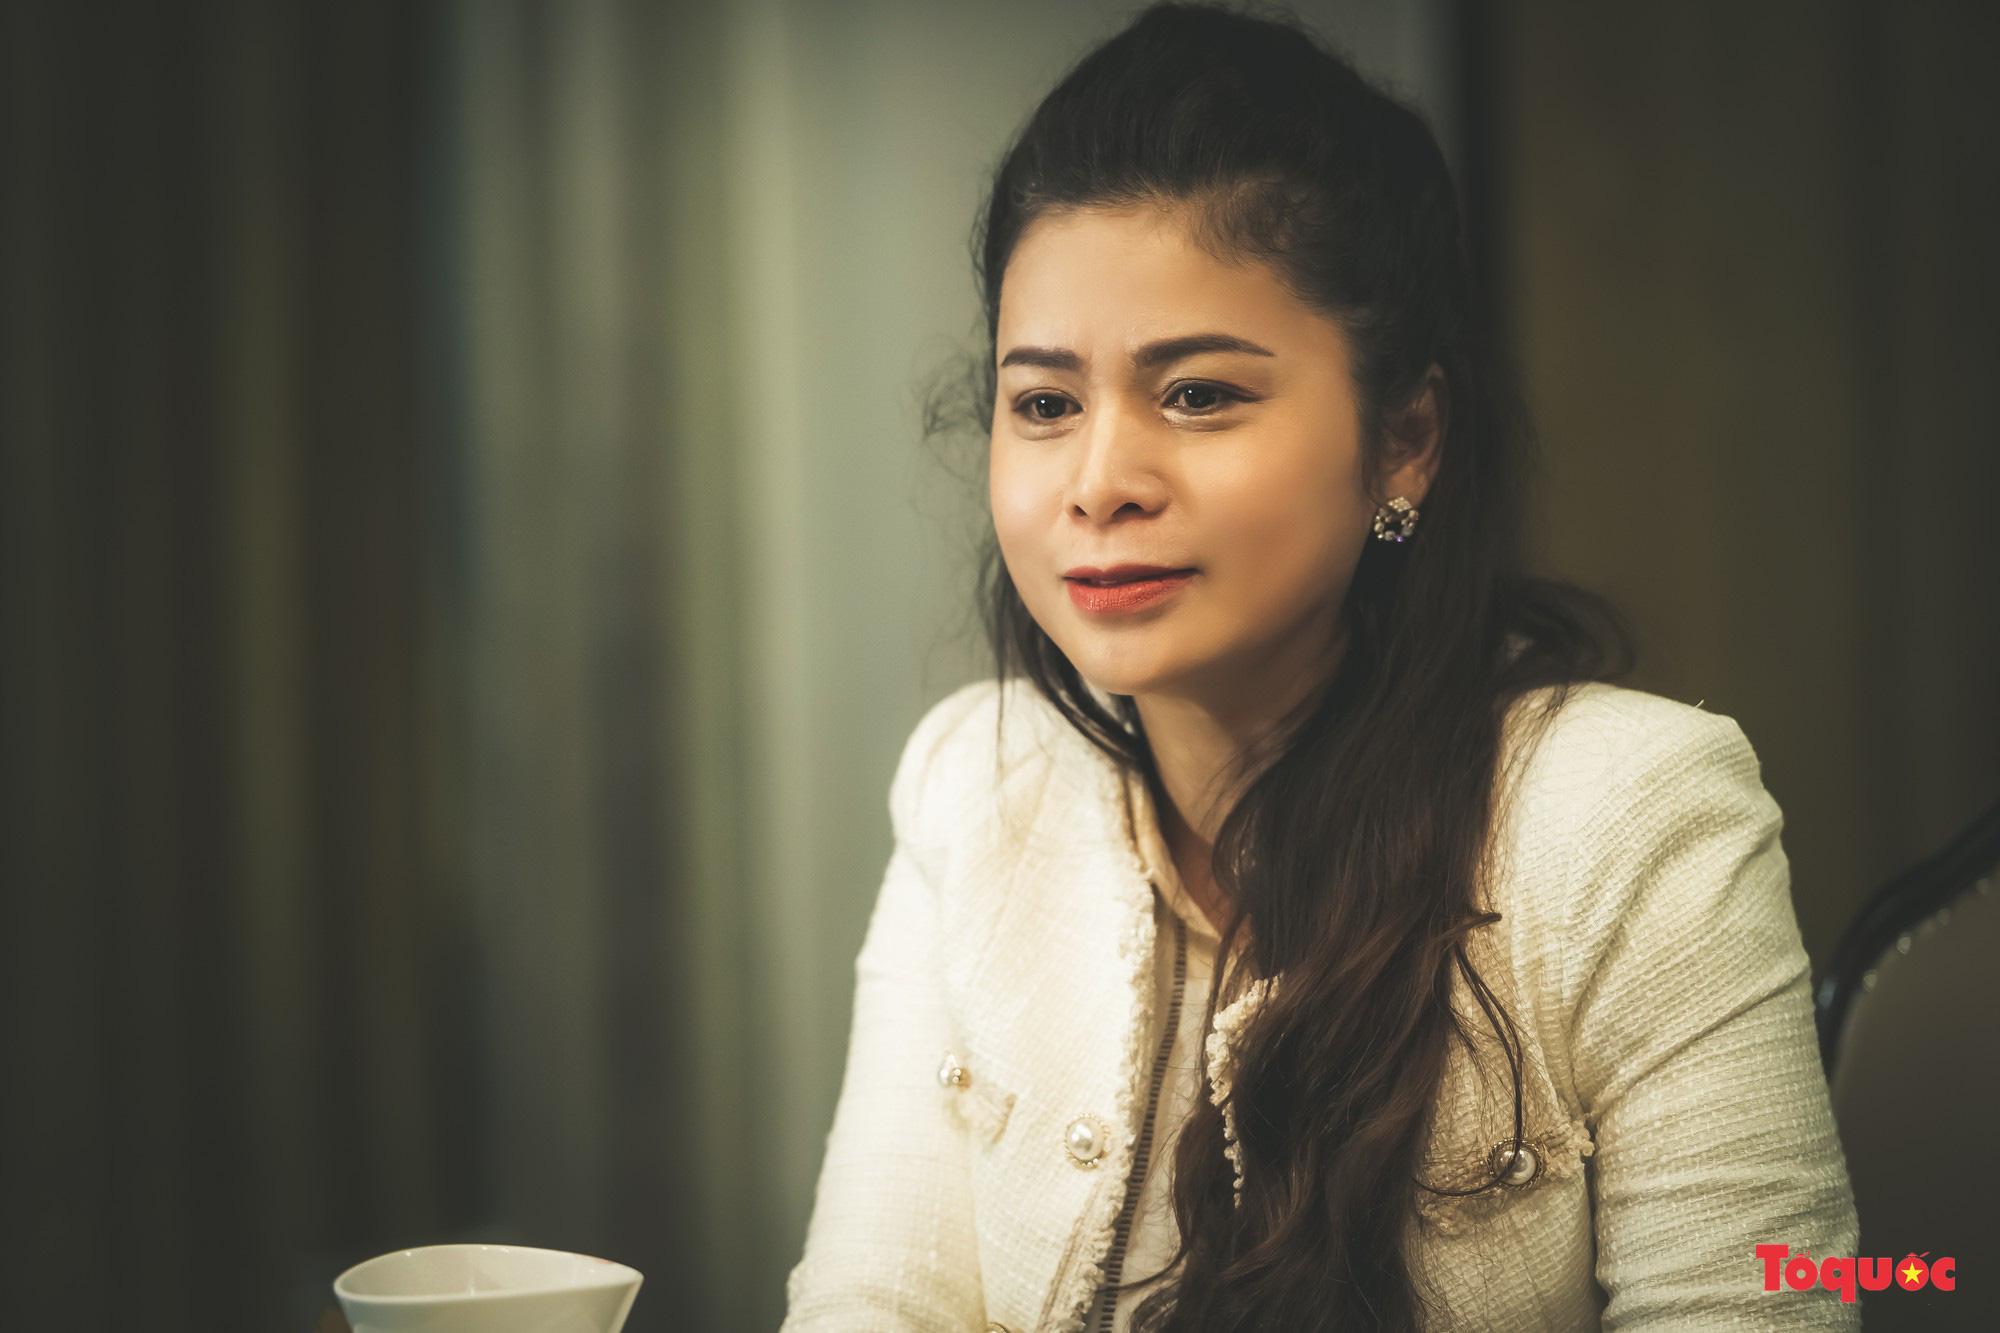 Bà Lê Hoàng Diệp Thảo: Tôi không muốn ly hôn - 2